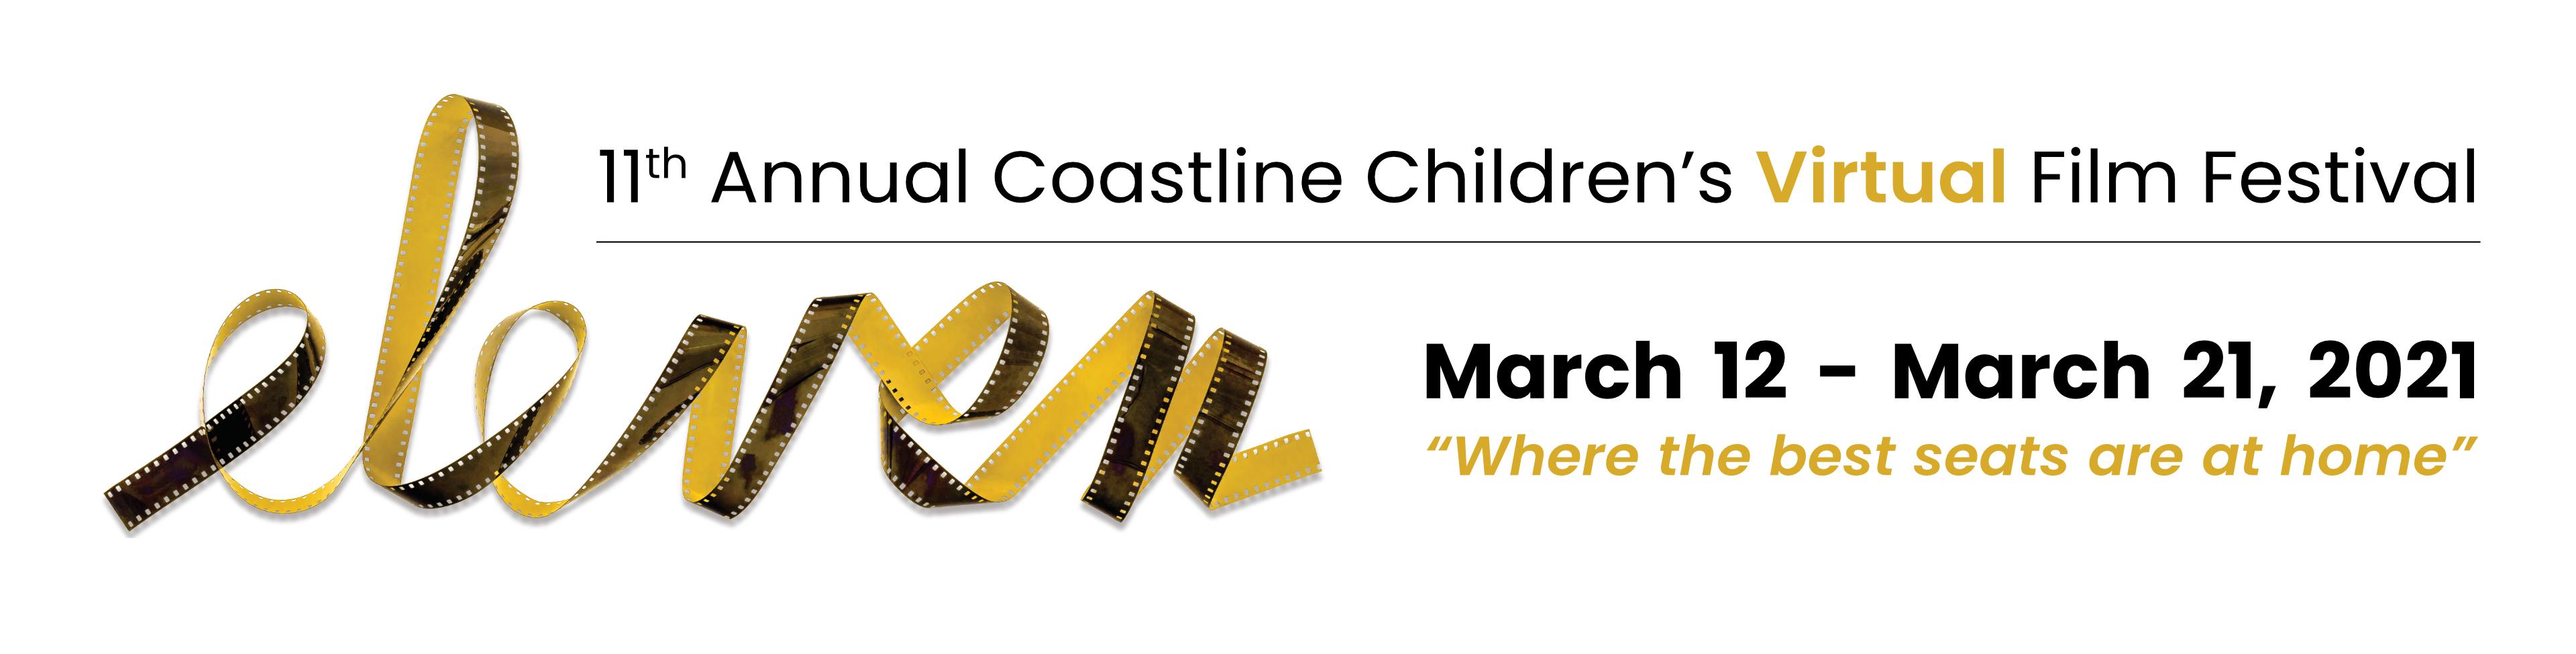 11th Annual Coastline Children's Film Festival